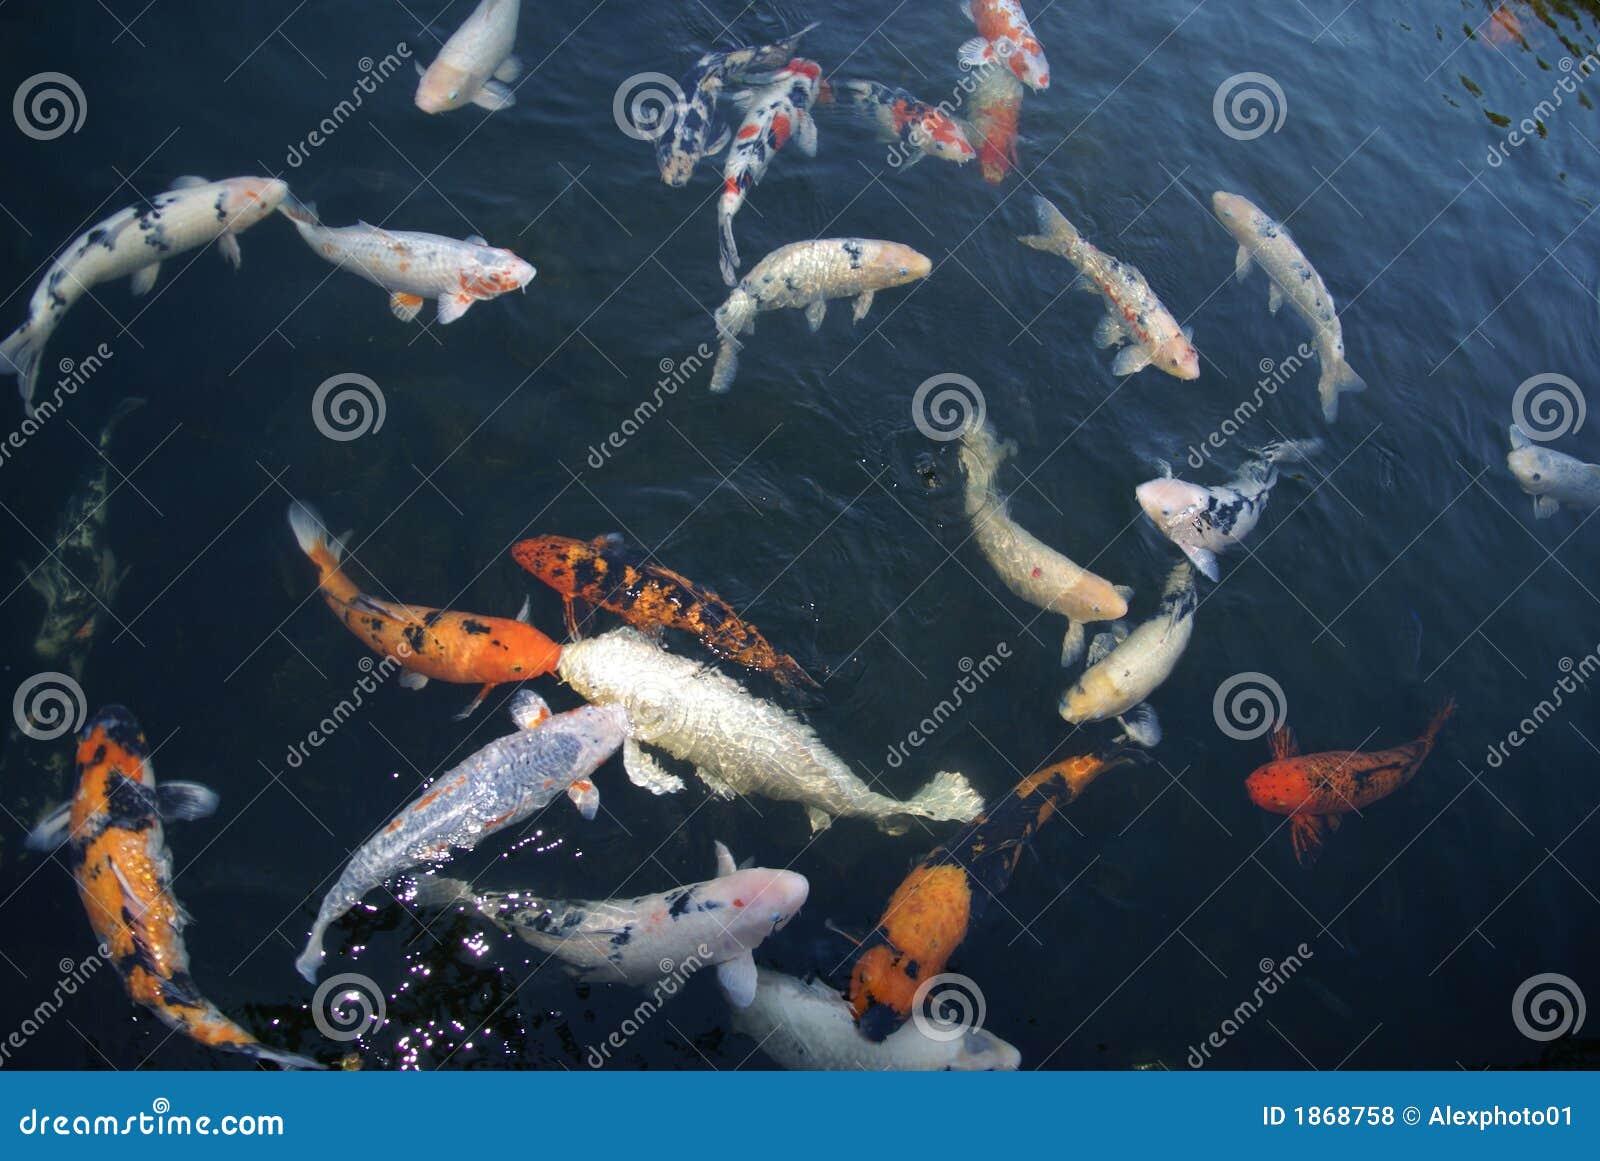 Koi royalty free stock photos image 1868758 for Koi fish near me